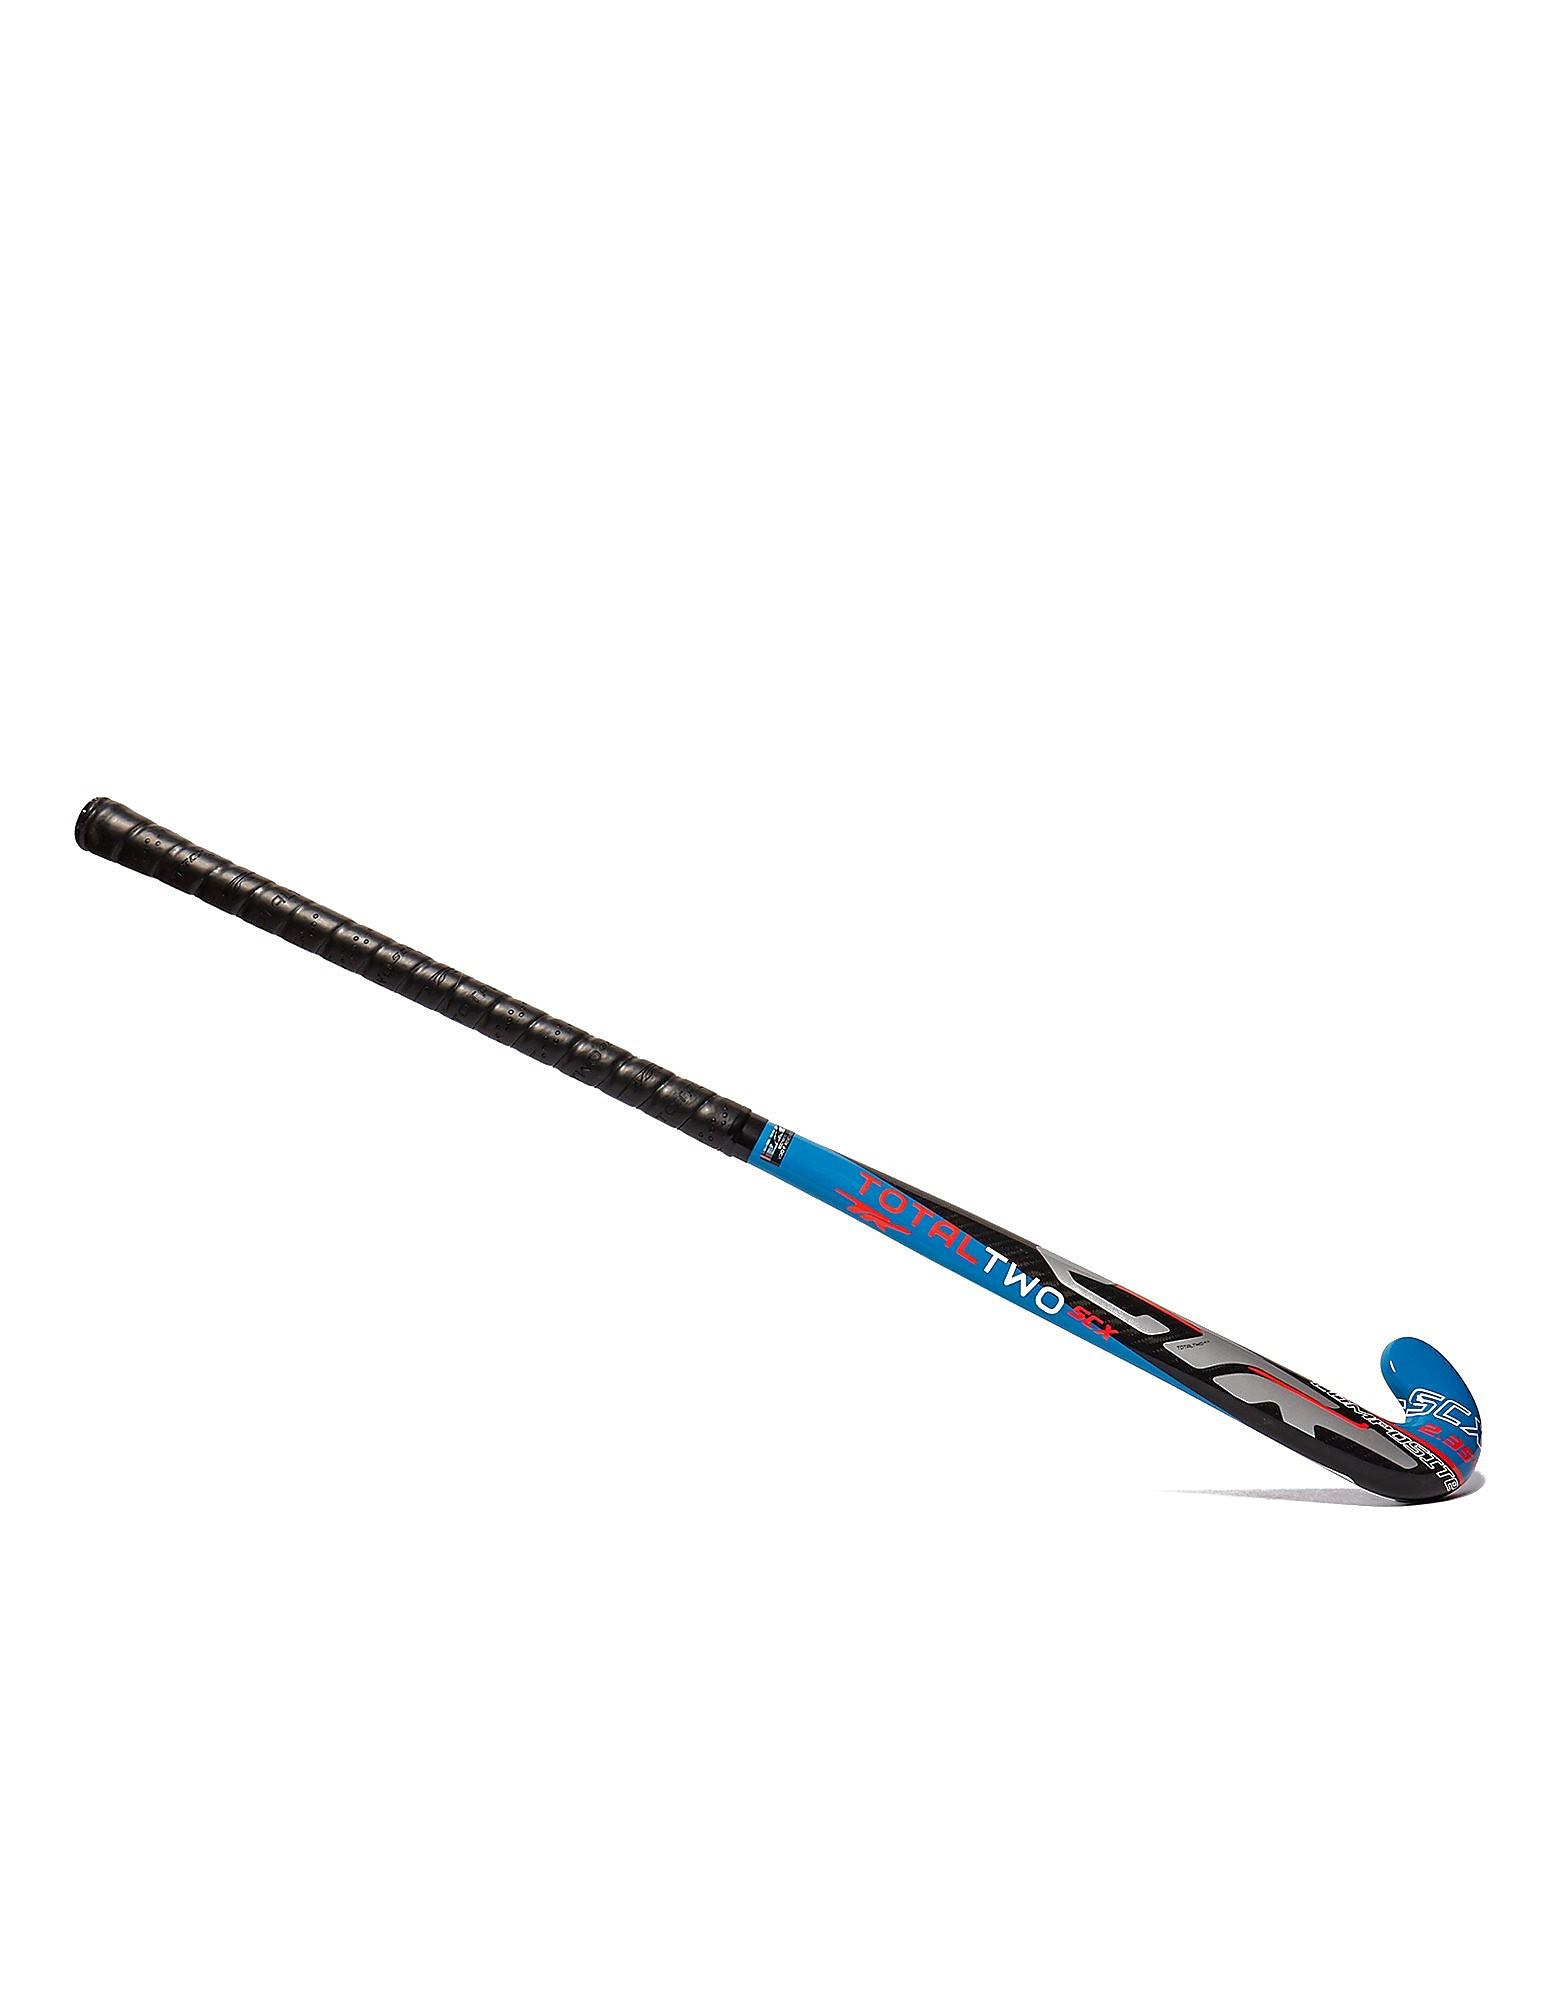 TK Hockey Total Two Scx 2.5 Innovate Hockey Stick Junior